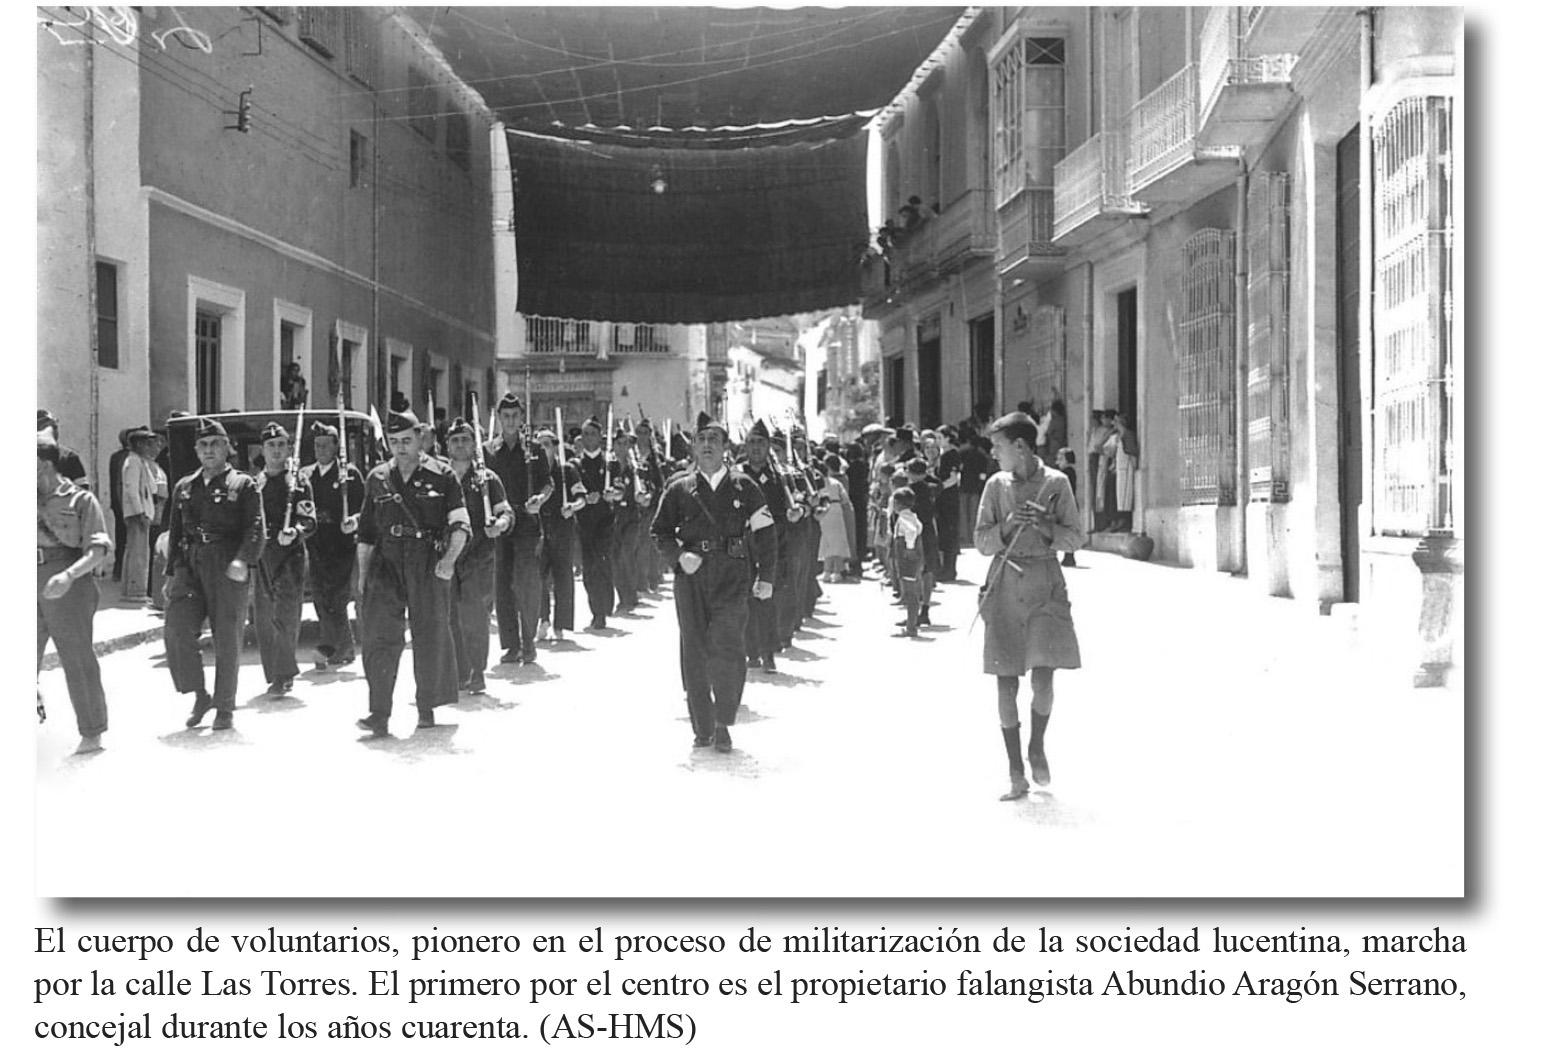 C/ las Torres. Cuerpo de voluntarios